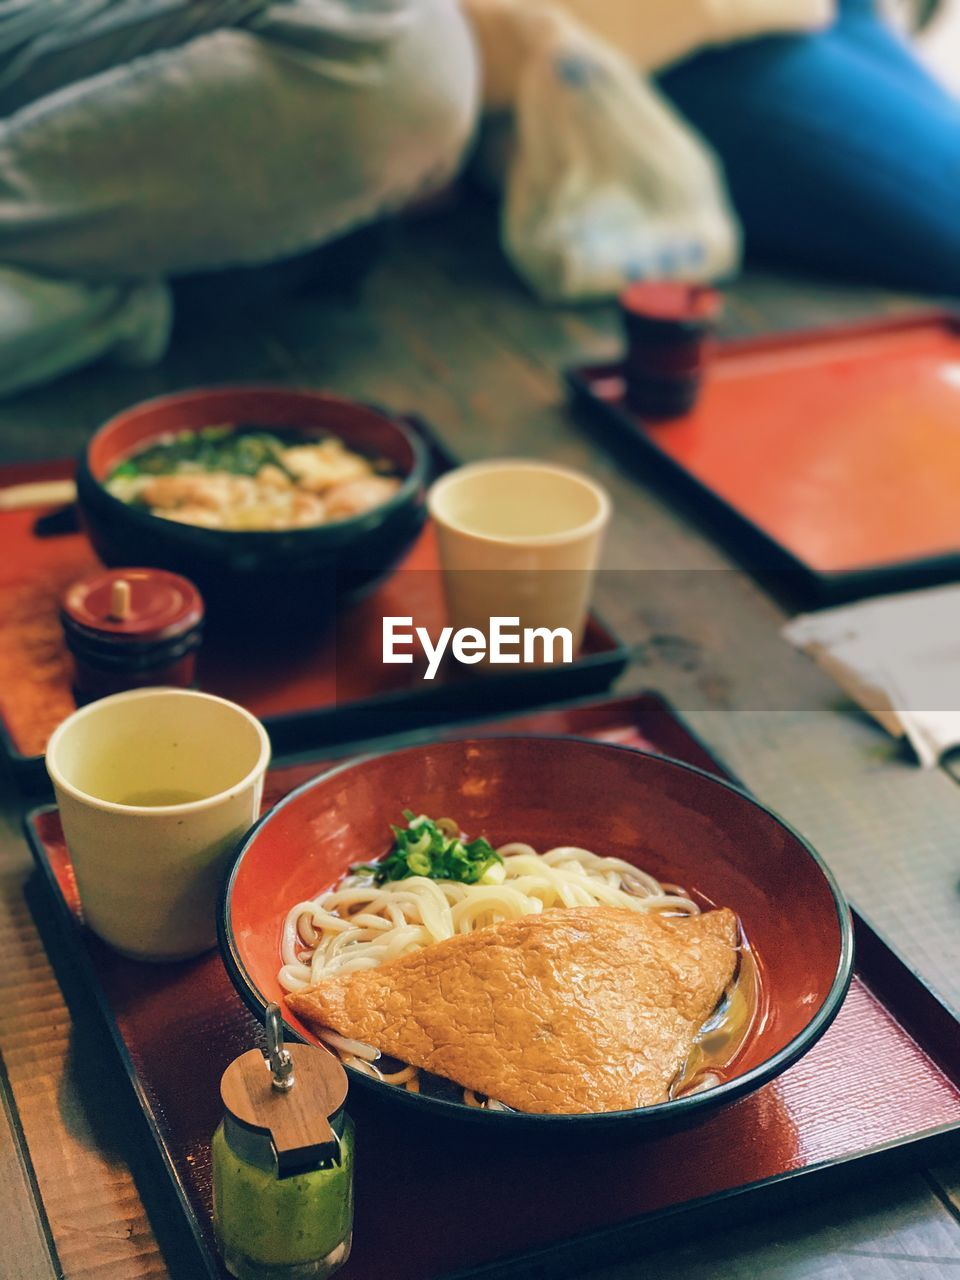 Vegeterian udon noodles